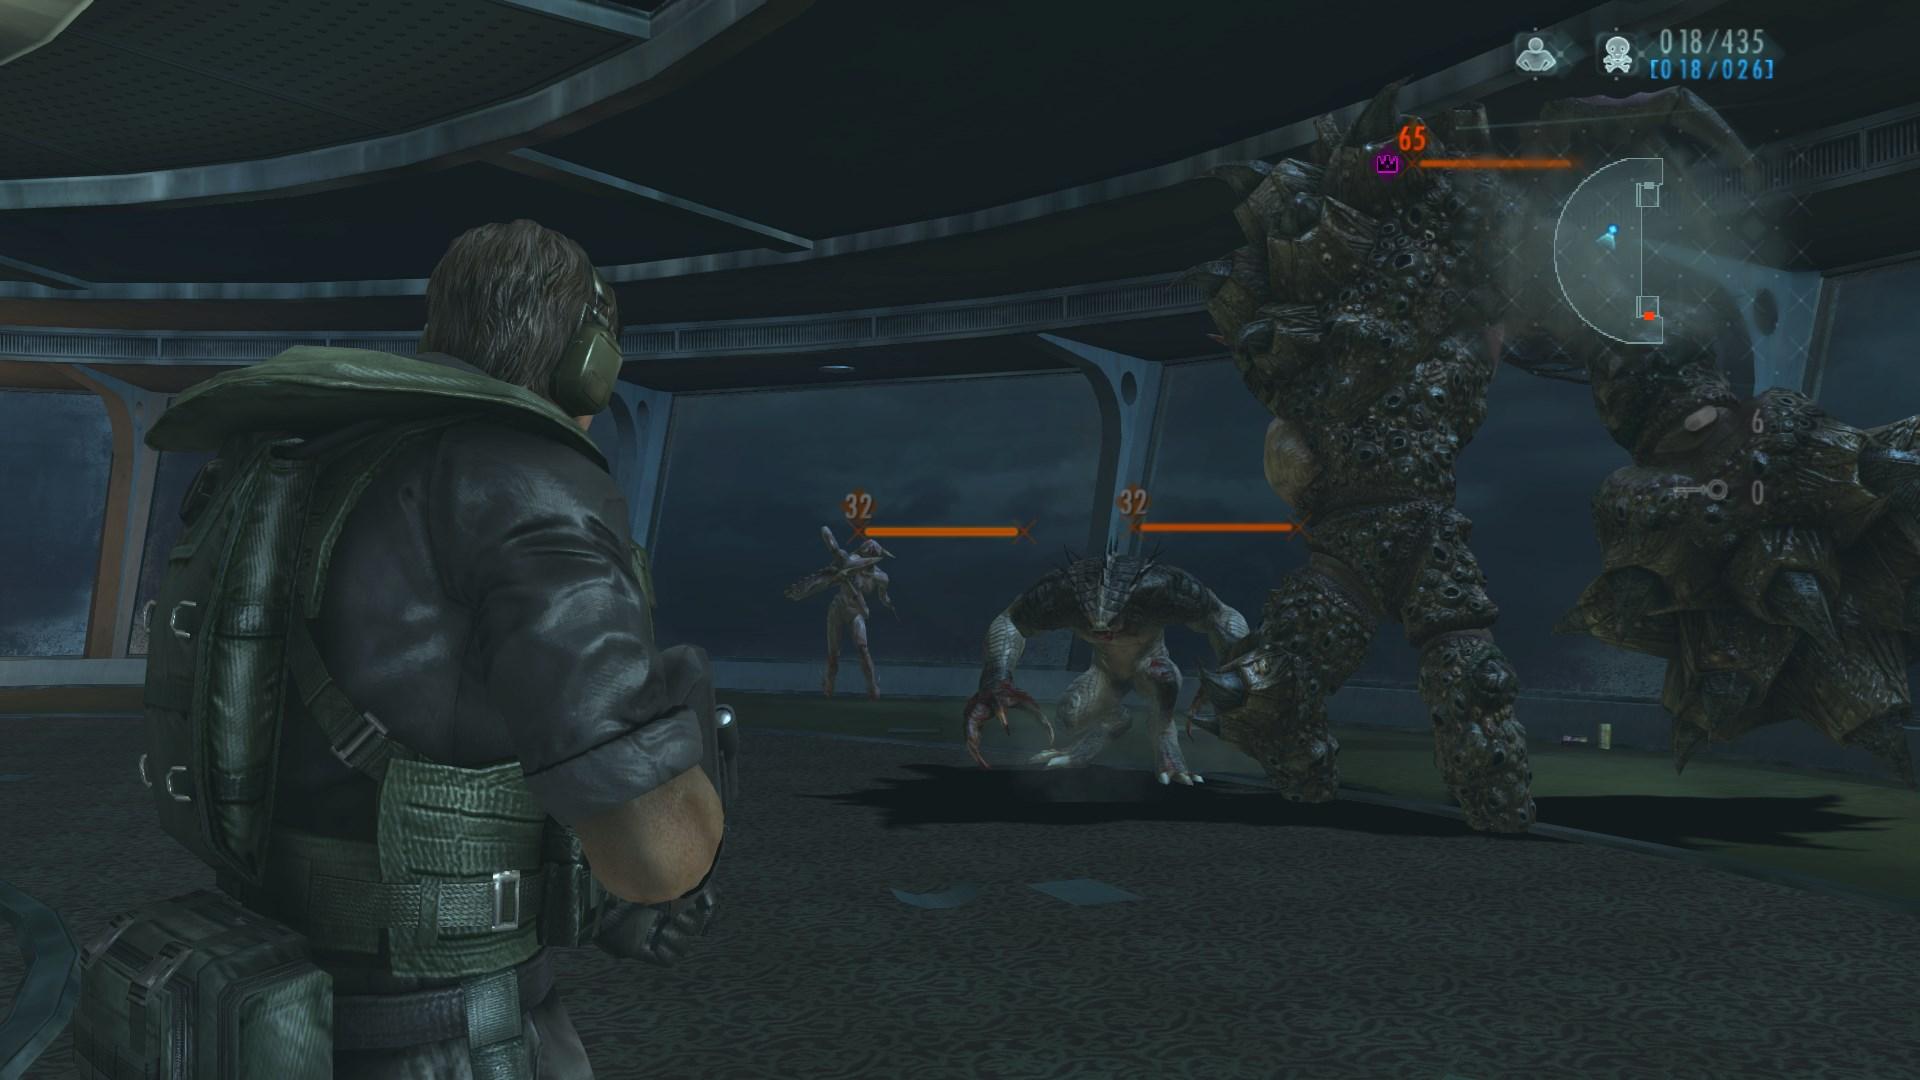 Resident Evil Revelations combat